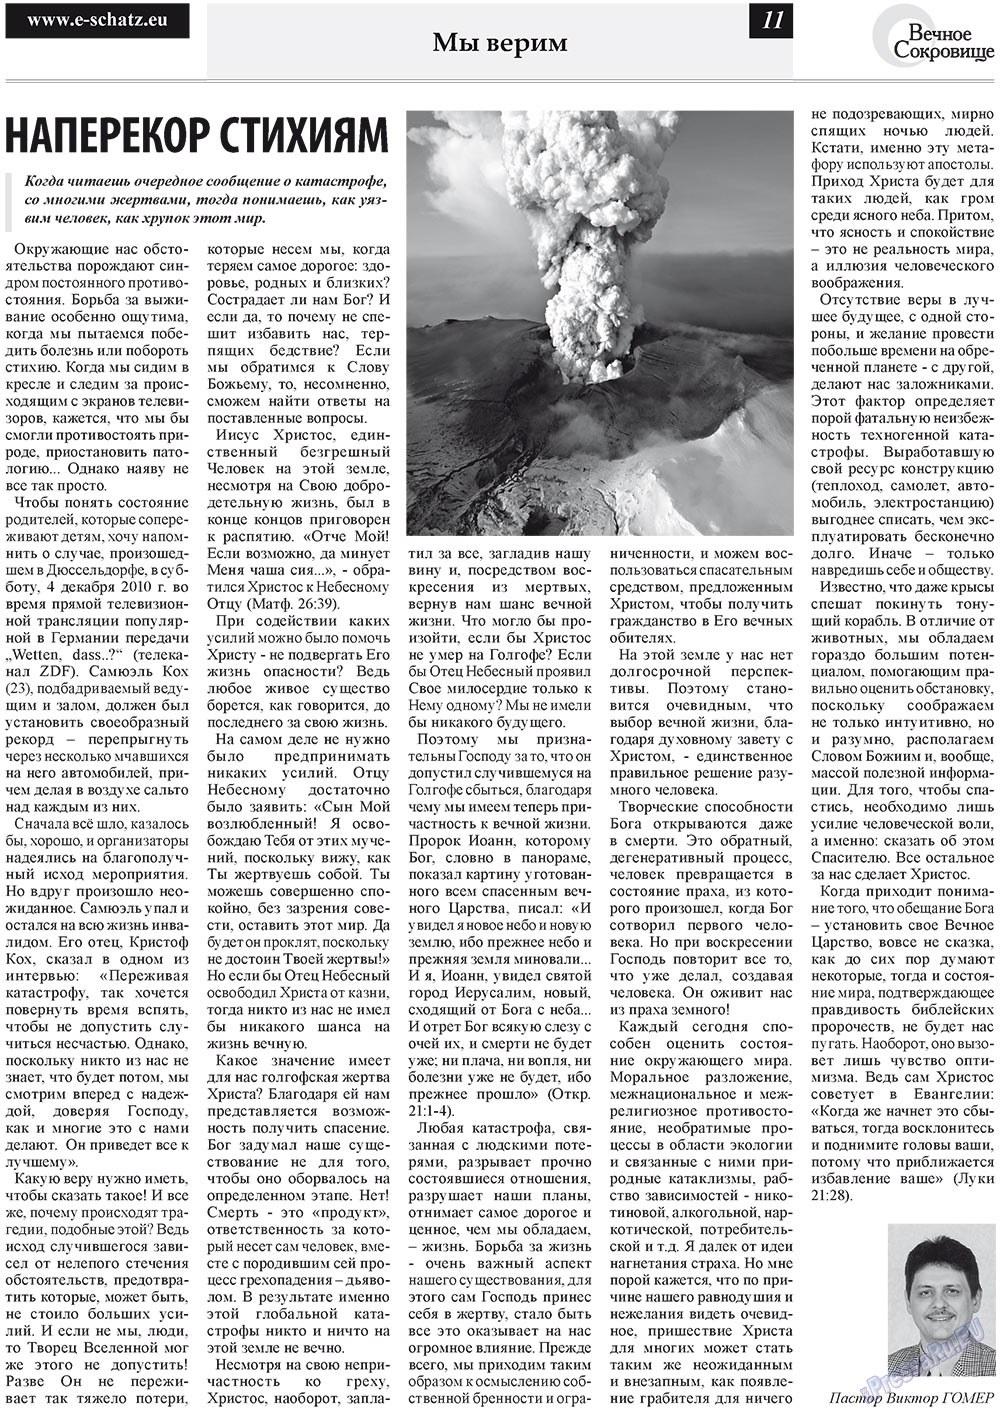 Вечное сокровище (газета). 2011 год, номер 5, стр. 11